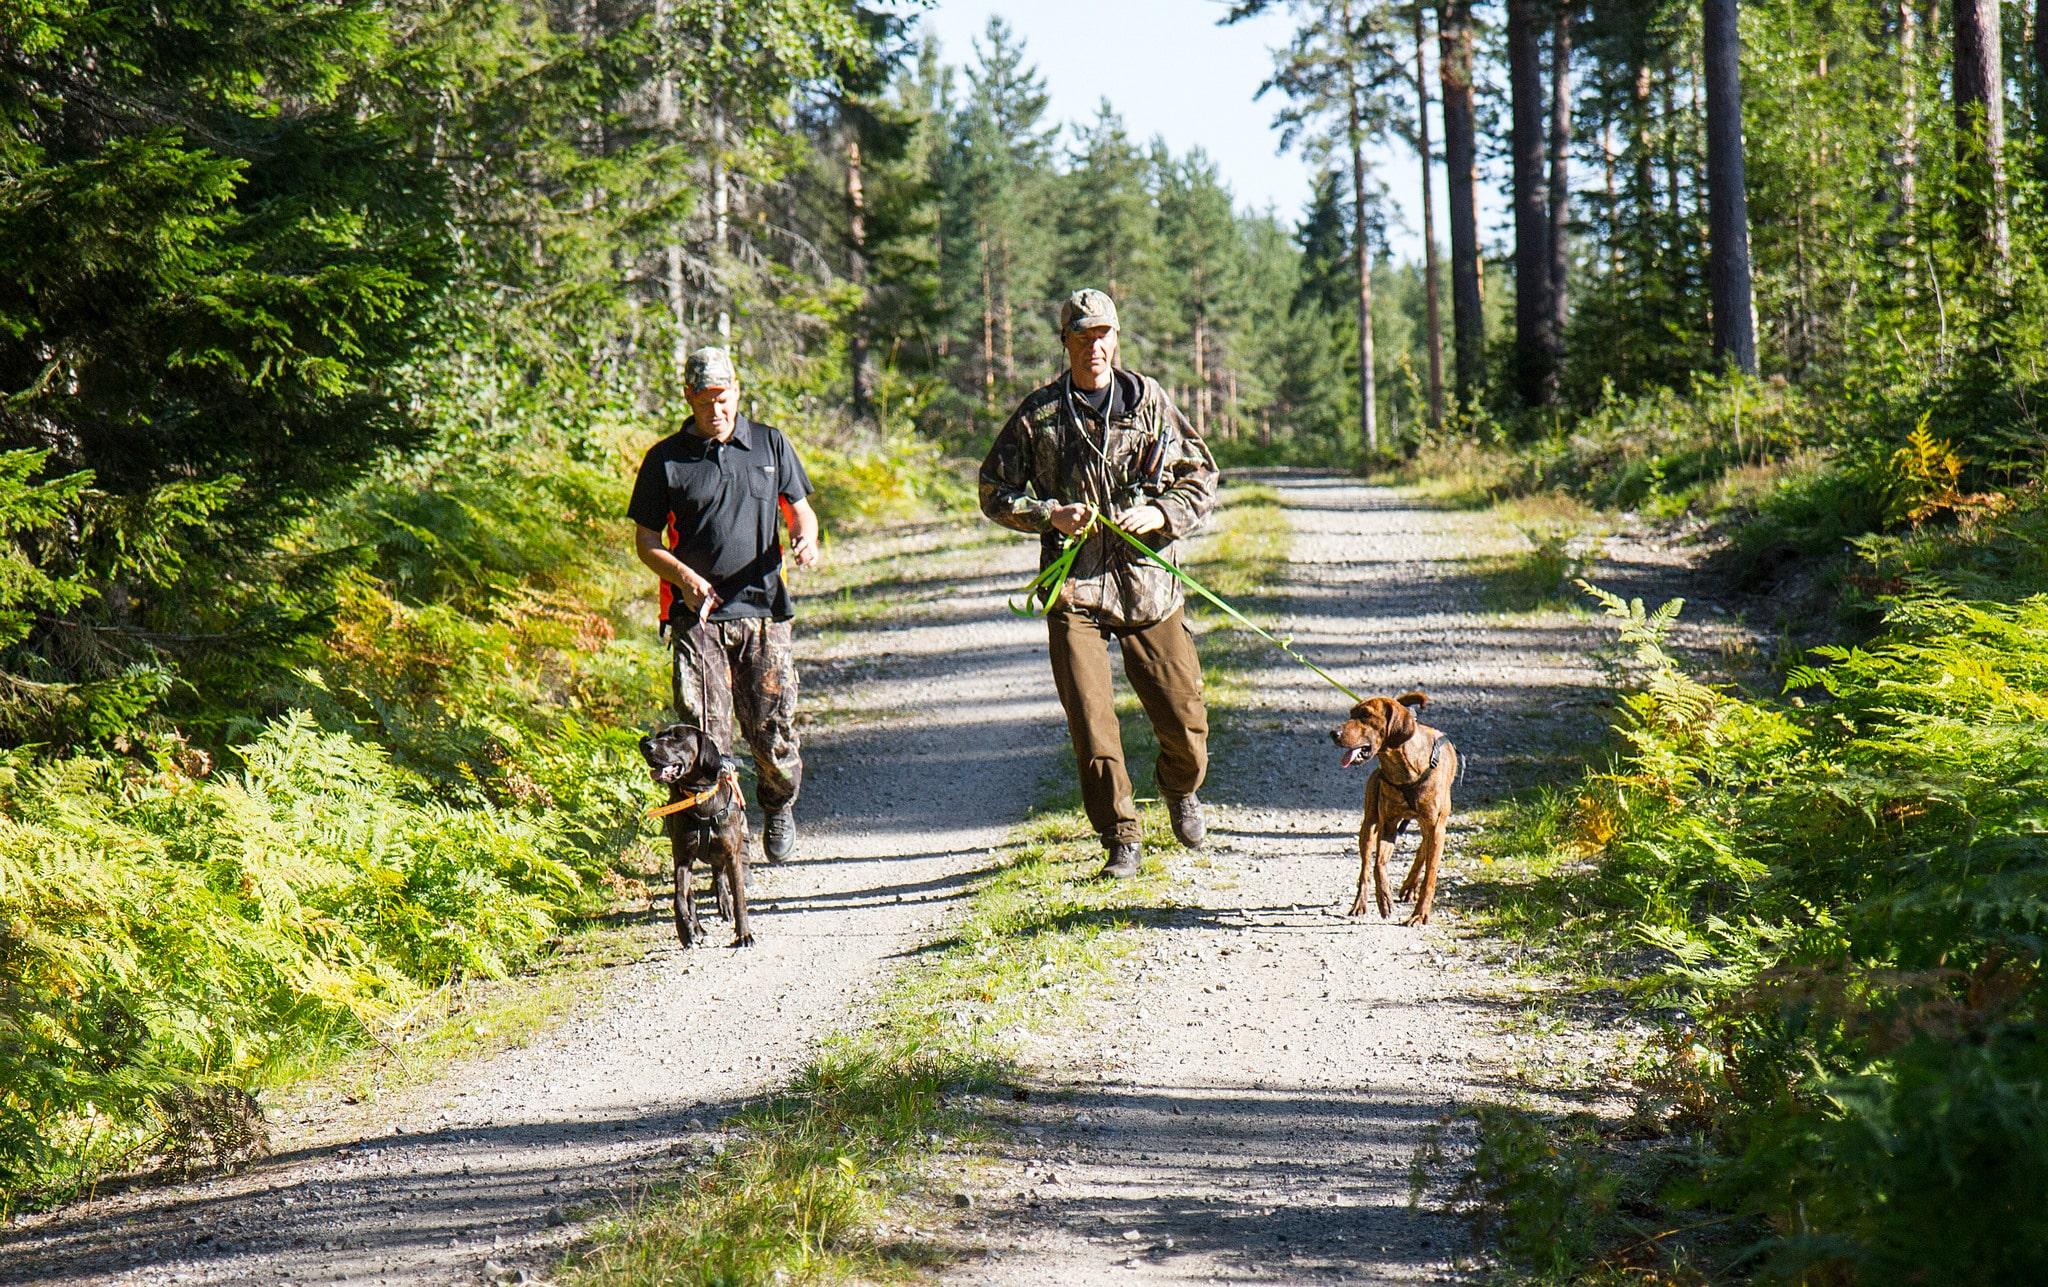 Det är dags för björnjägarna i den västra delen av Gävleborgs län att göra patron ur.